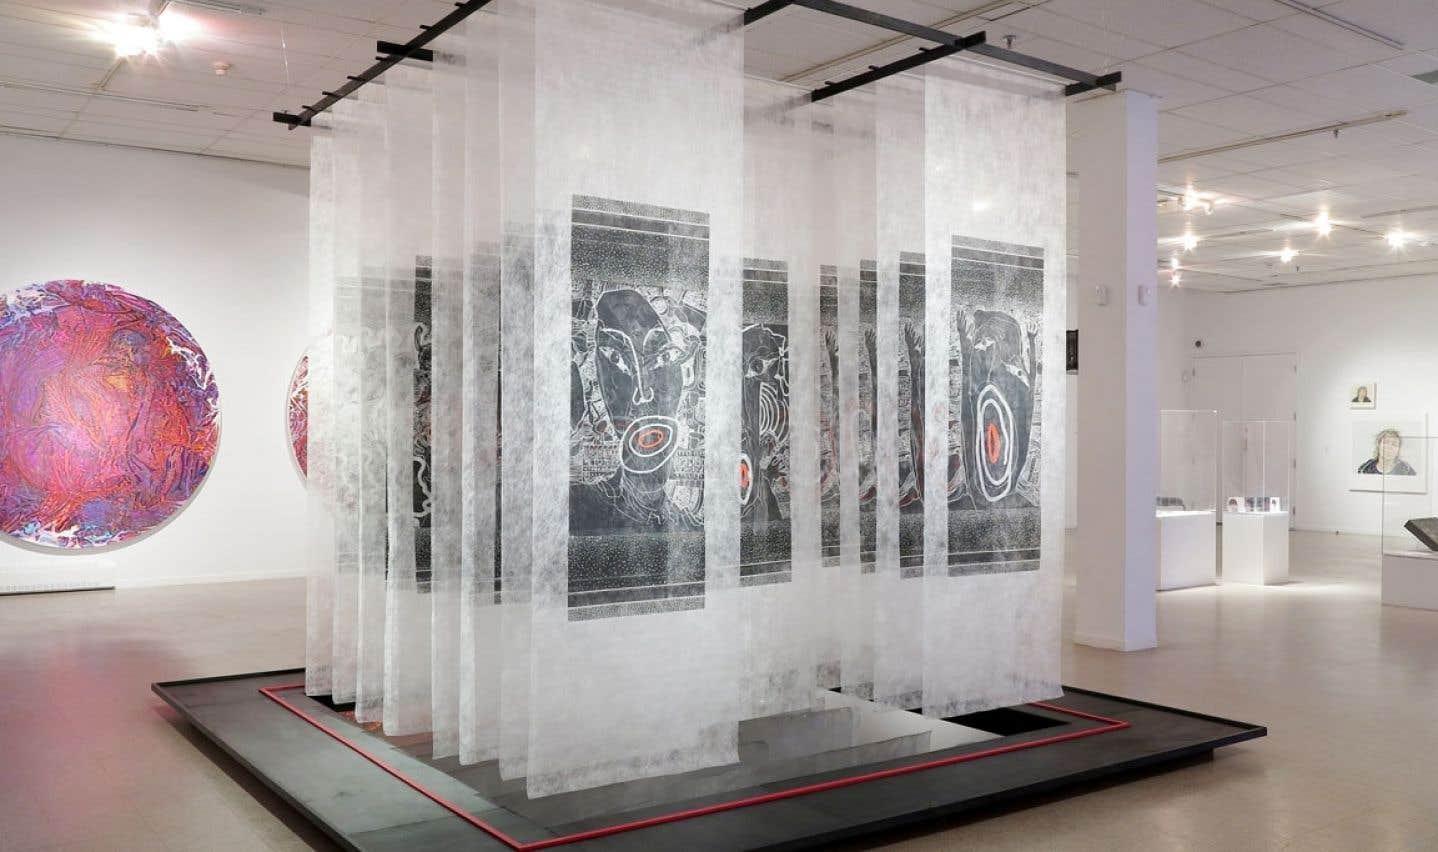 Échographie de la mémoire génétique, 1986, de René Derouin, est exposée dans le « Vieux-Palais ».